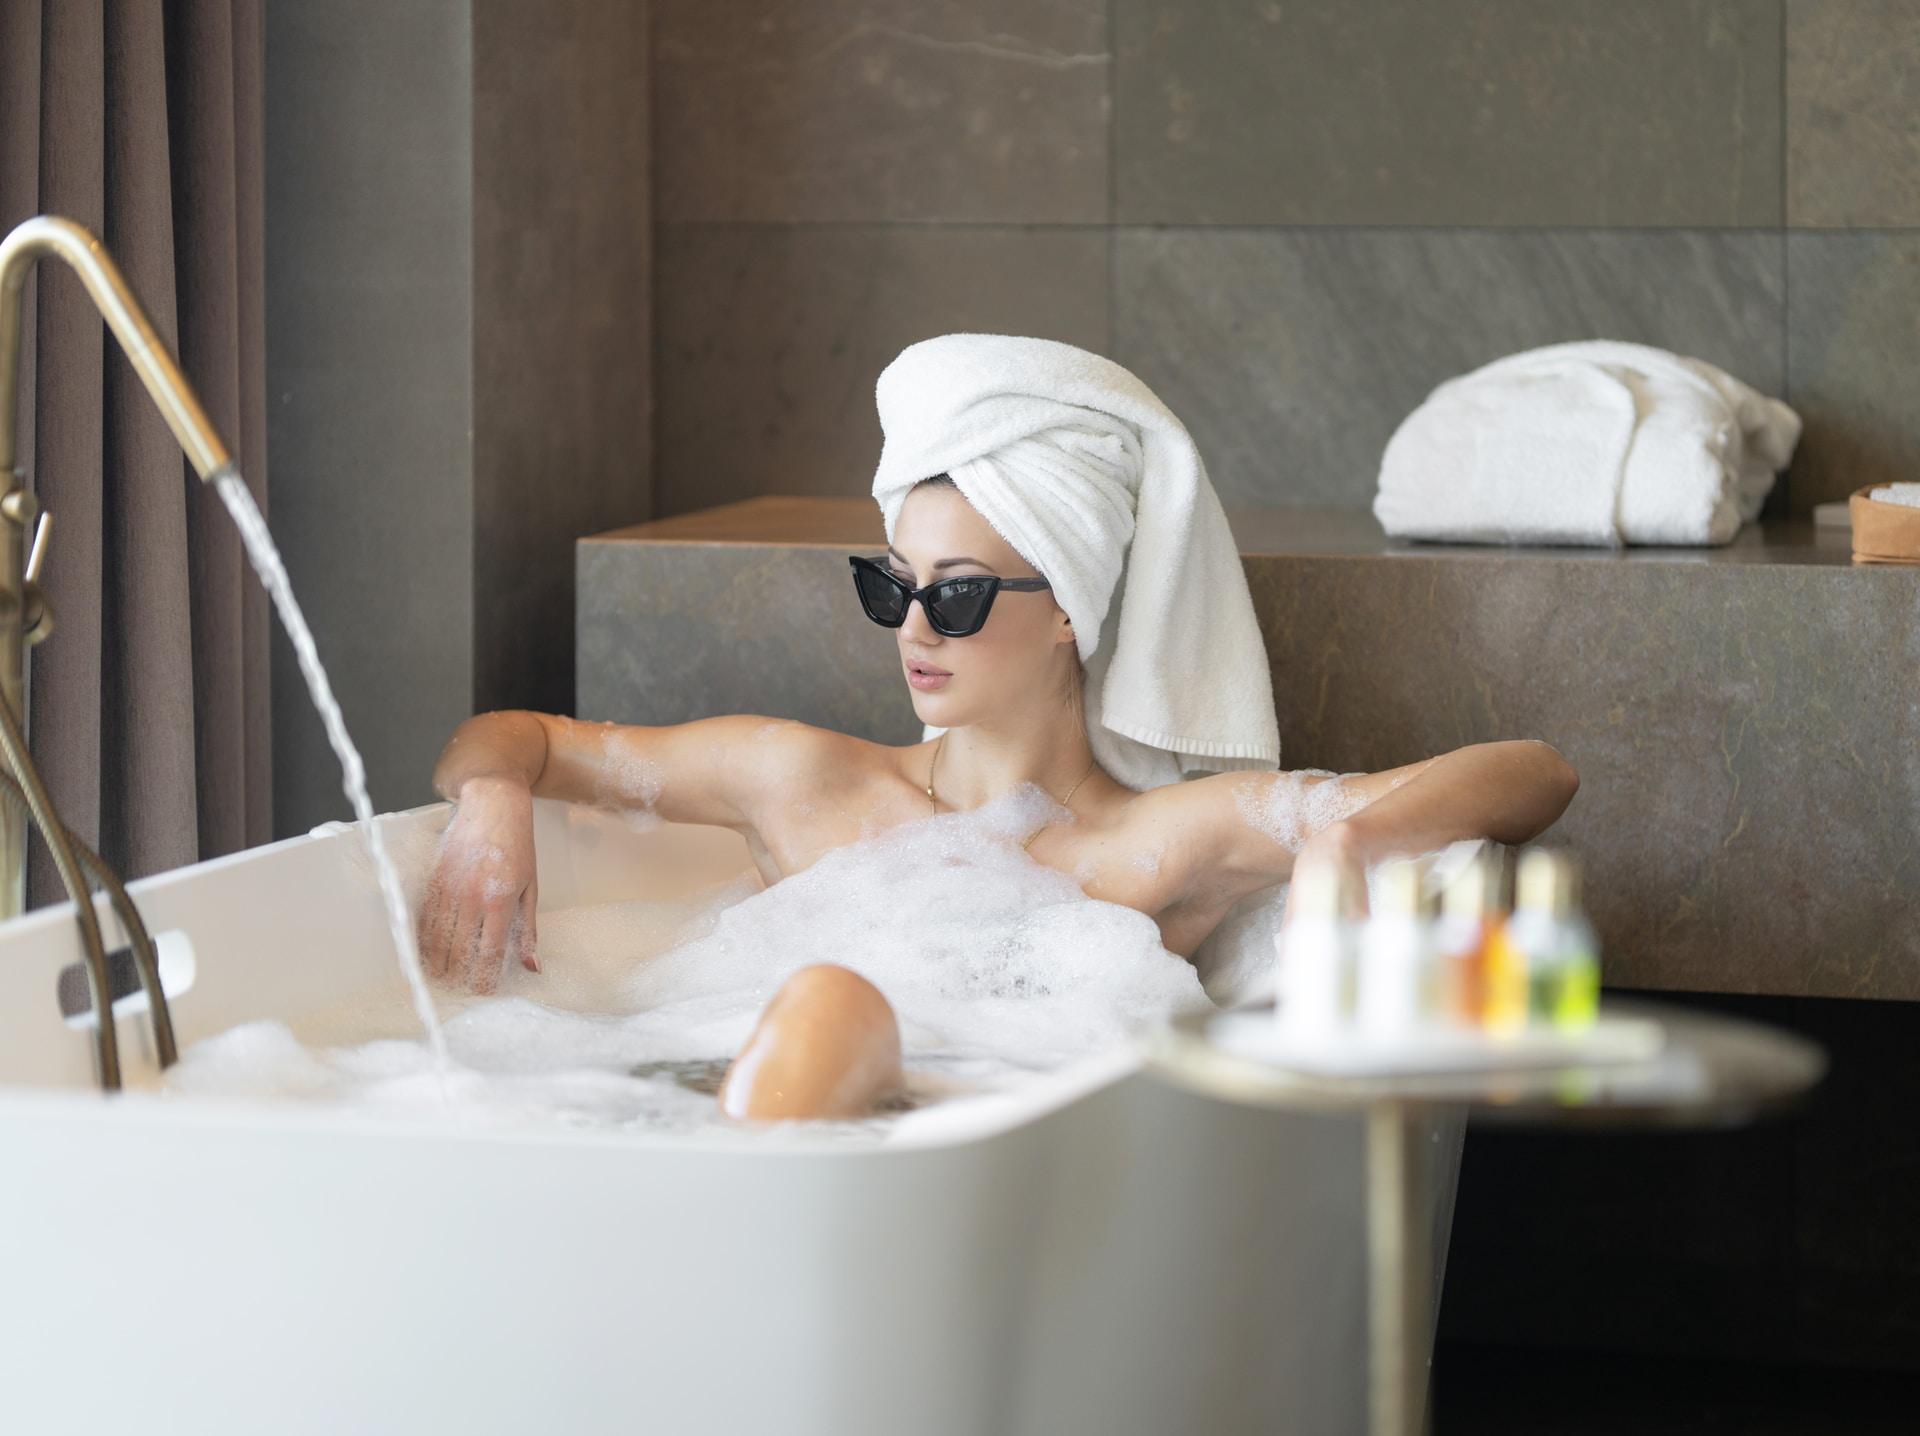 χαλαρωτικό μπάνιο